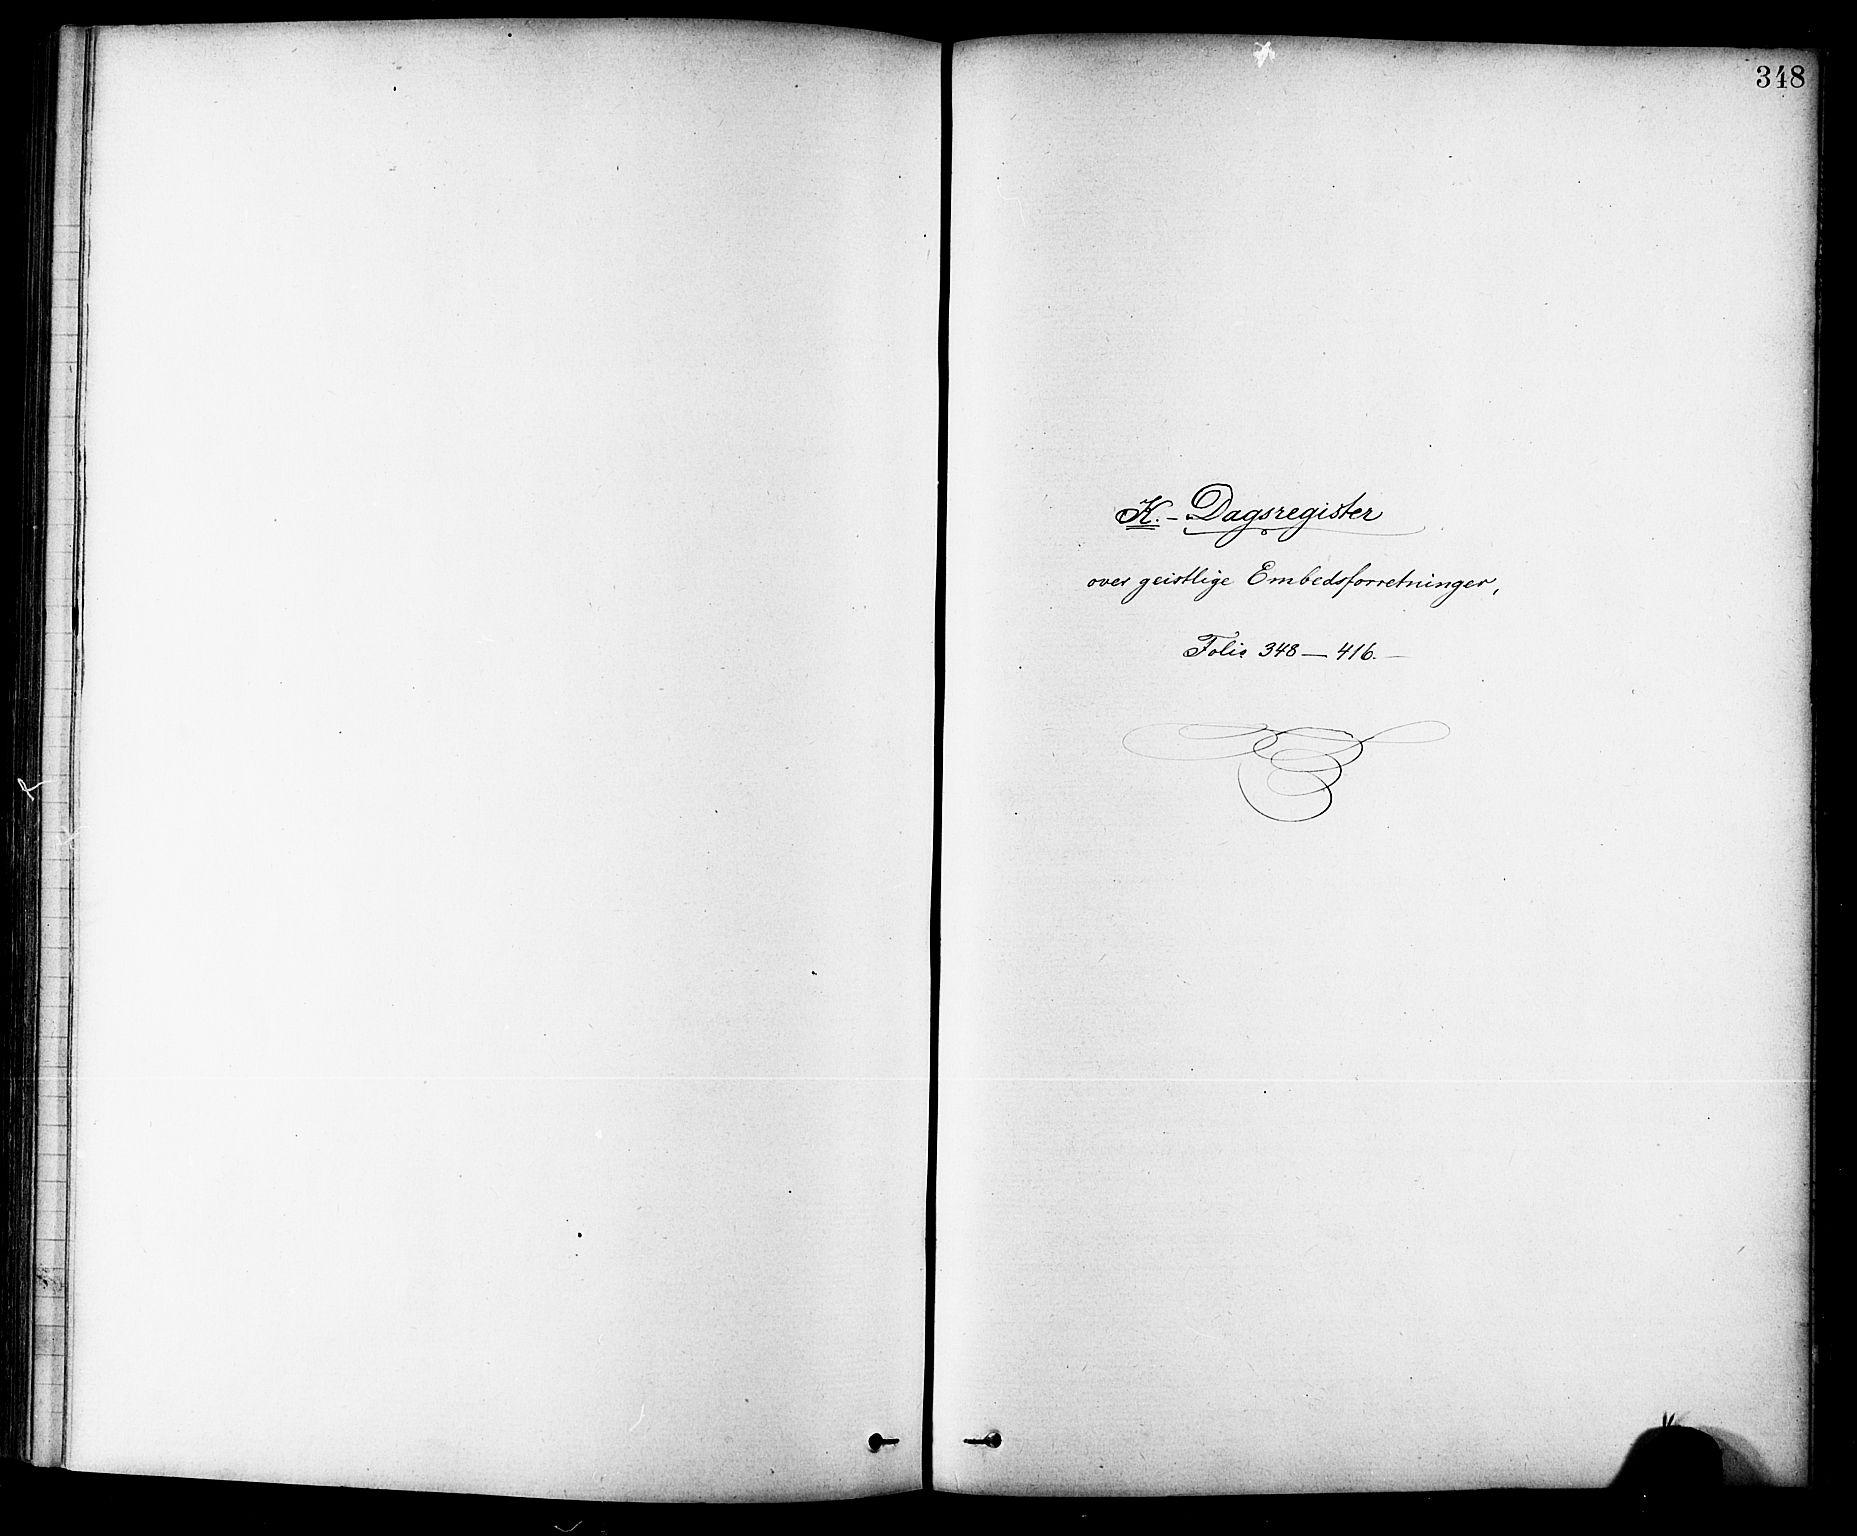 SAT, Ministerialprotokoller, klokkerbøker og fødselsregistre - Sør-Trøndelag, 691/L1094: Klokkerbok nr. 691C05, 1879-1911, s. 348